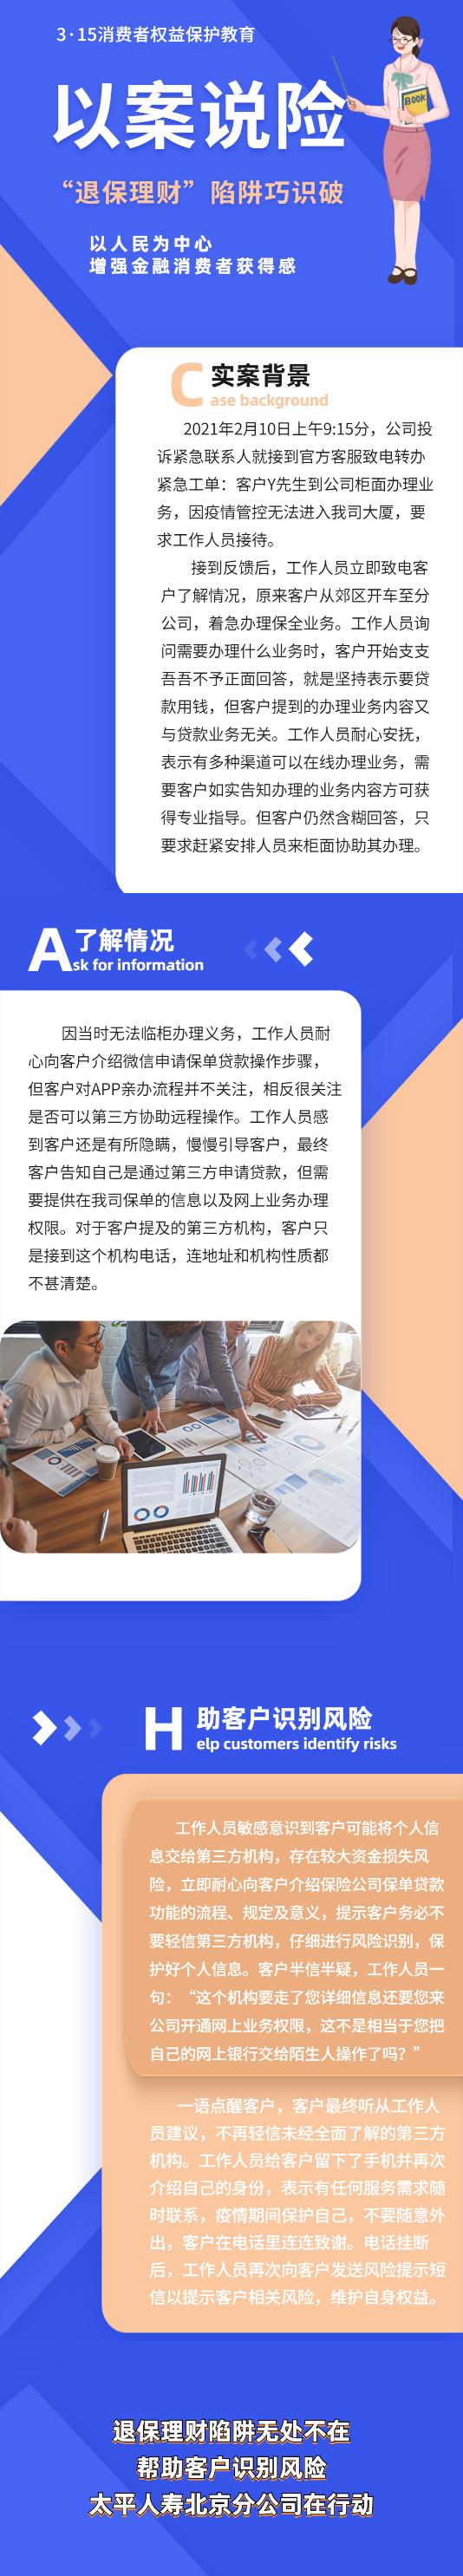 太平人寿北京分公司:以案说险 退保理财陷阱巧识破